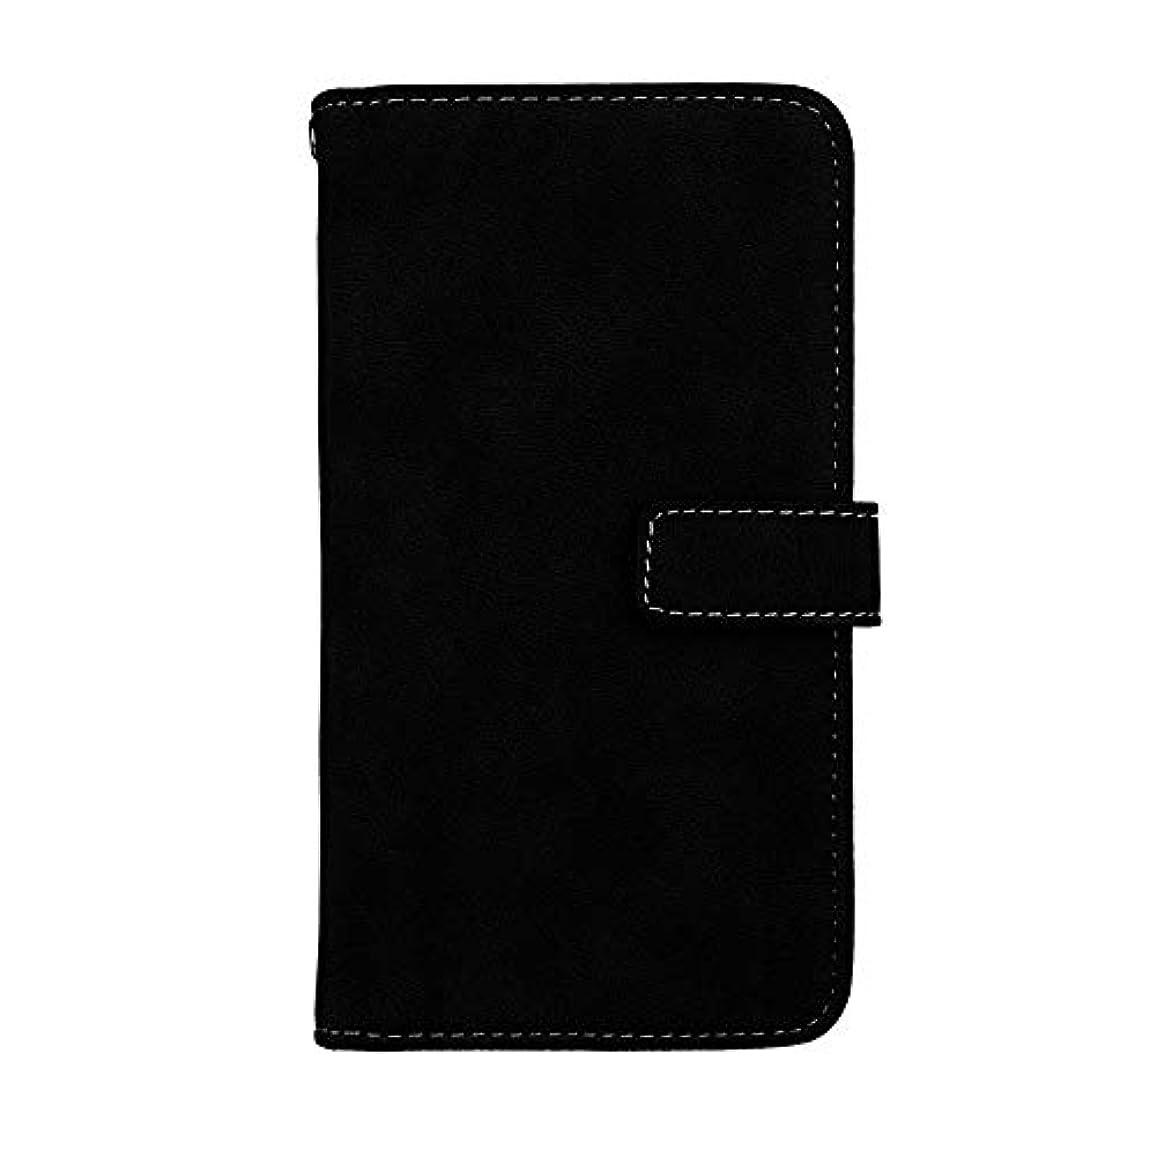 補充歴史的思われるXiaomi Redmi Note 4X 高品質 マグネット ケース, CUNUS 携帯電話 ケース 軽量 柔軟 高品質 耐摩擦 カード収納 カバー Xiaomi Redmi Note 4X 用, ブラック